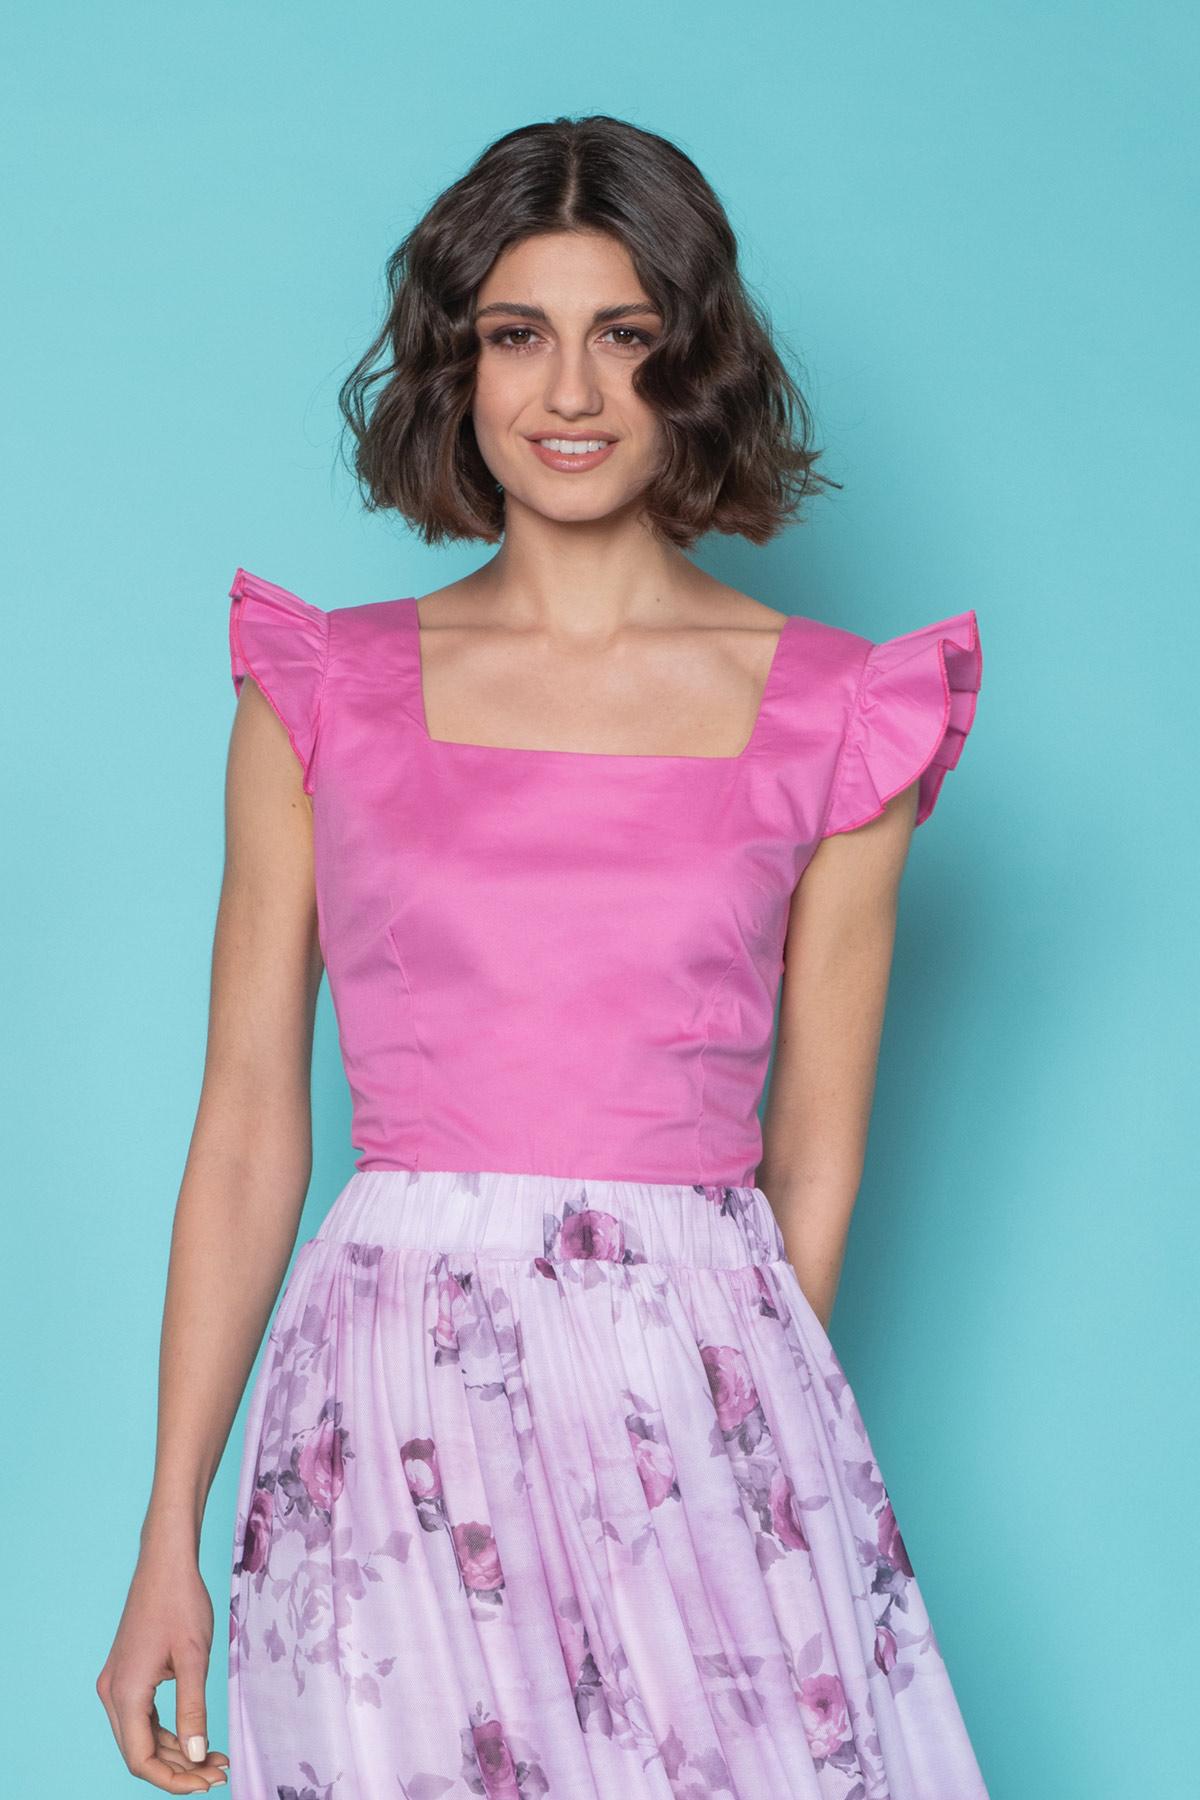 Ροζ μπλούζα με μικρά βολάν στους ώμους και τετράγωνη λαιμουδιά, εφαρμοστό στον κορμό και κρυφό φερμουάρ στην πλάτη, ιδανικό για τη σεζόν!